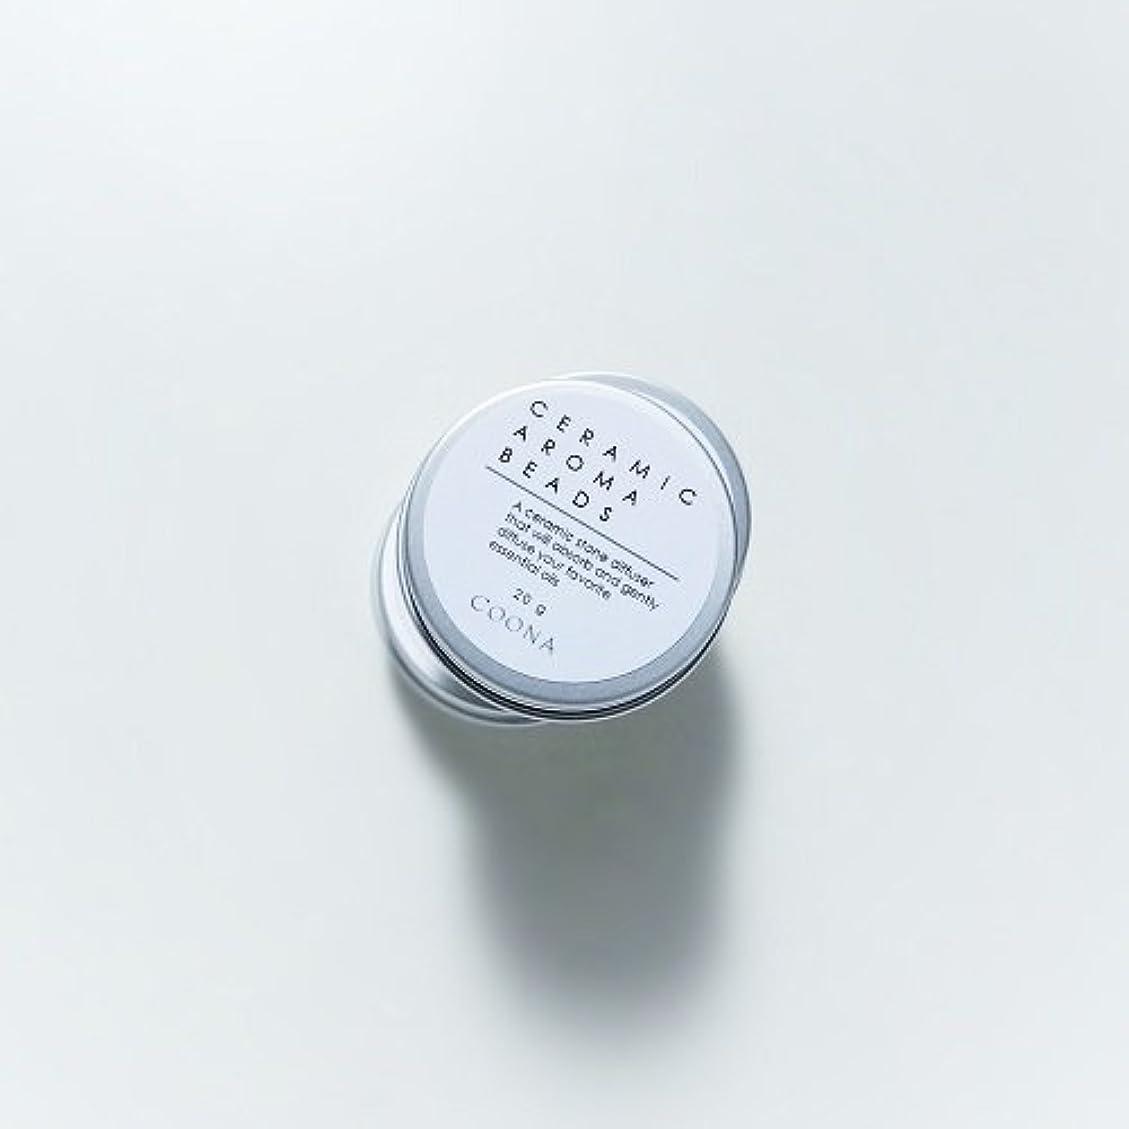 鷹呼びかける虹セラミックアロマビーズ(缶入り アロマストーン エコディフューザー)20g×1個